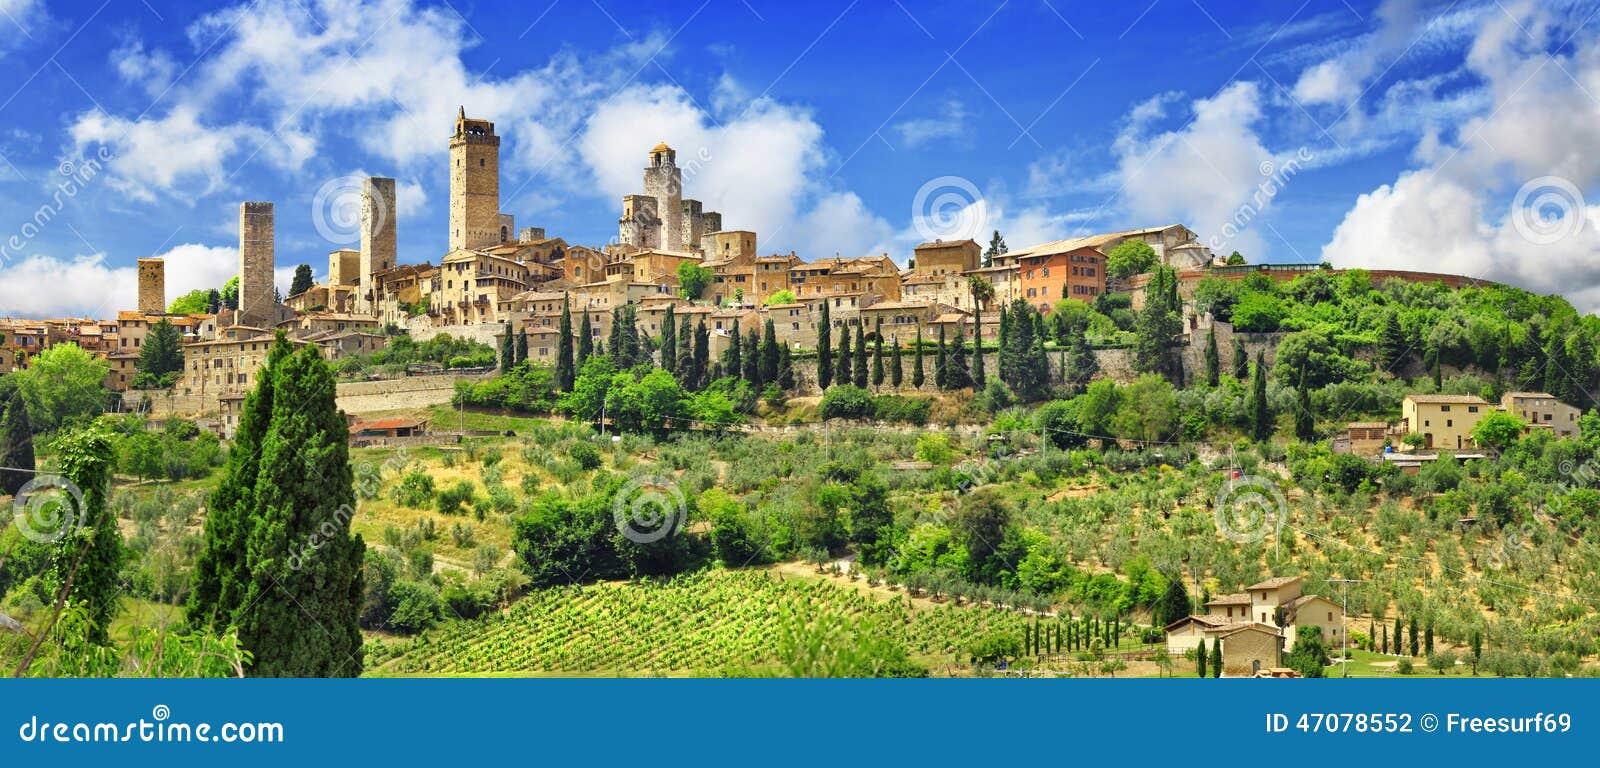 Panorama Gimignano, Tuscany. Italy